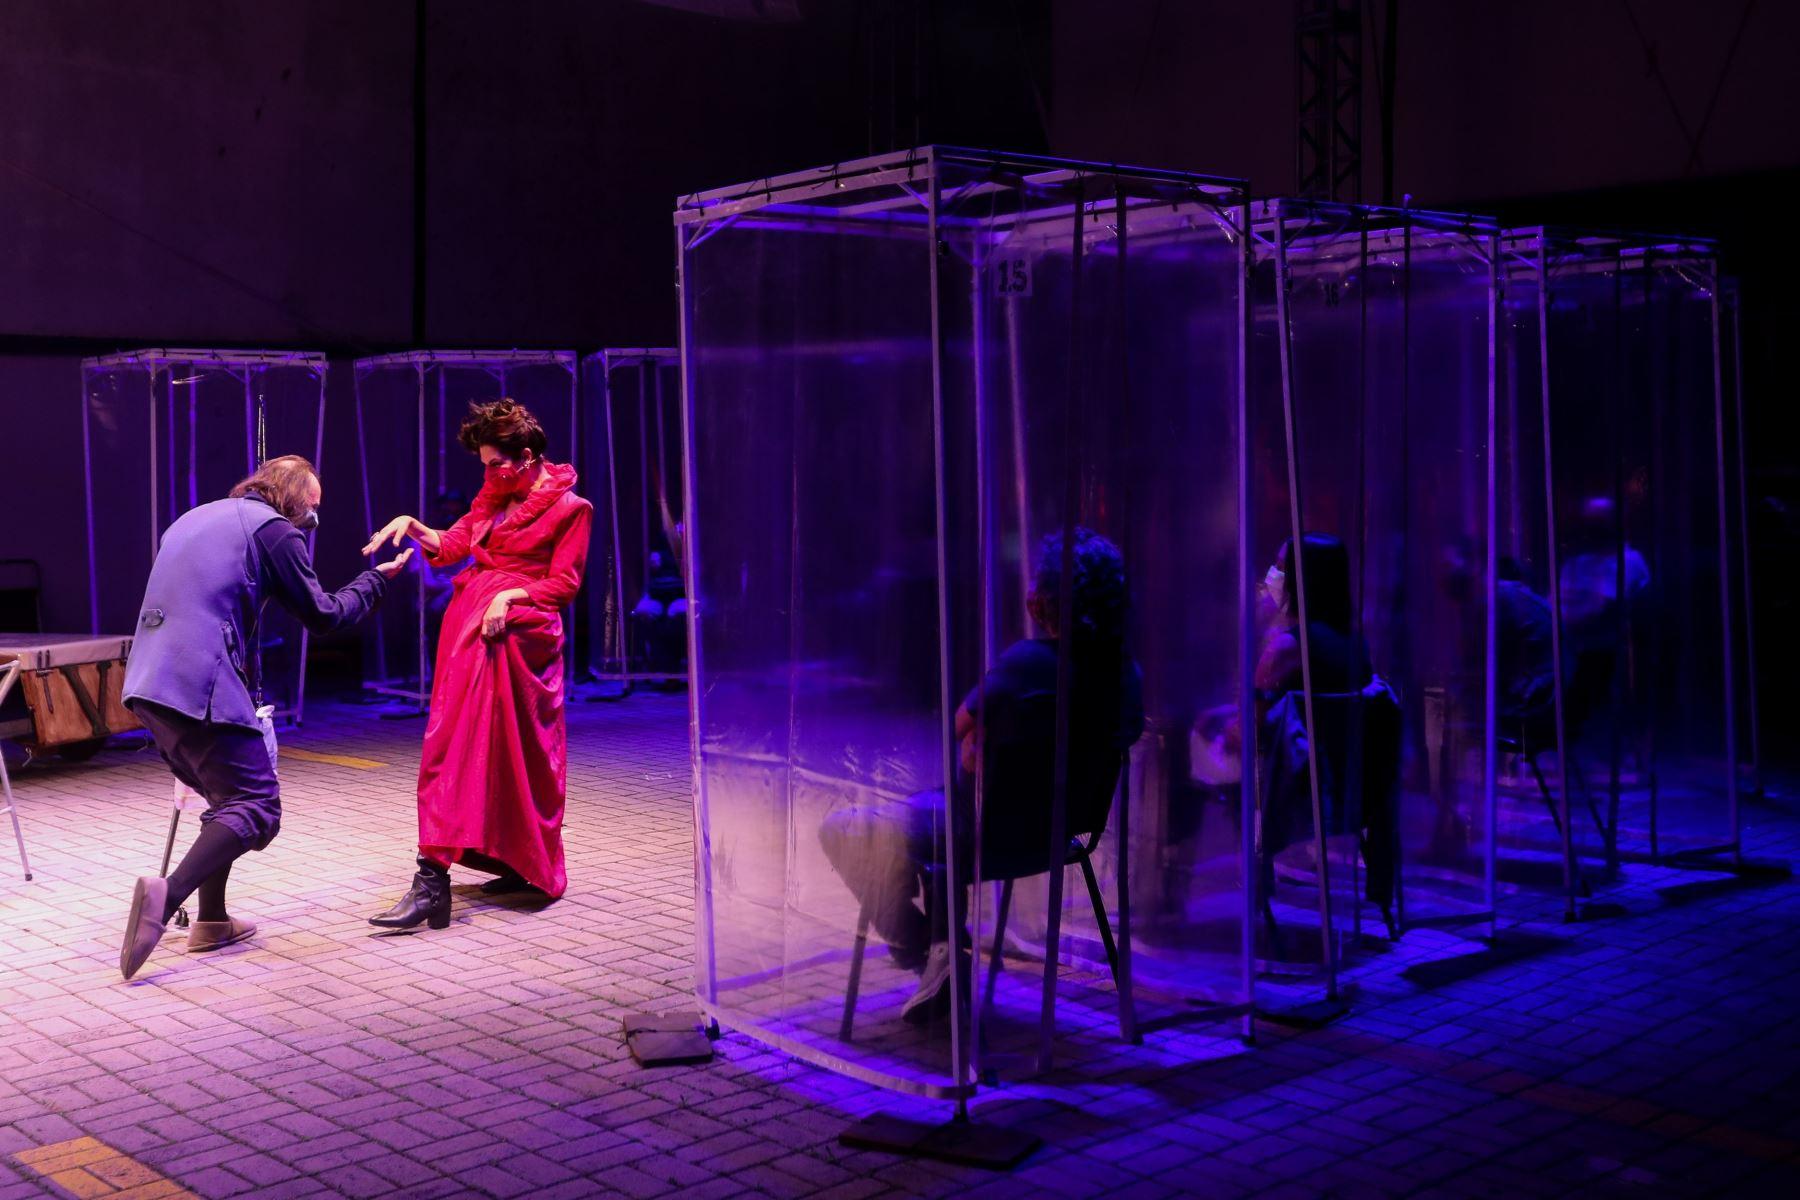 El teatro vuelve a Sao Paulo con cabinas de plástico para sus espectadores | Noticias